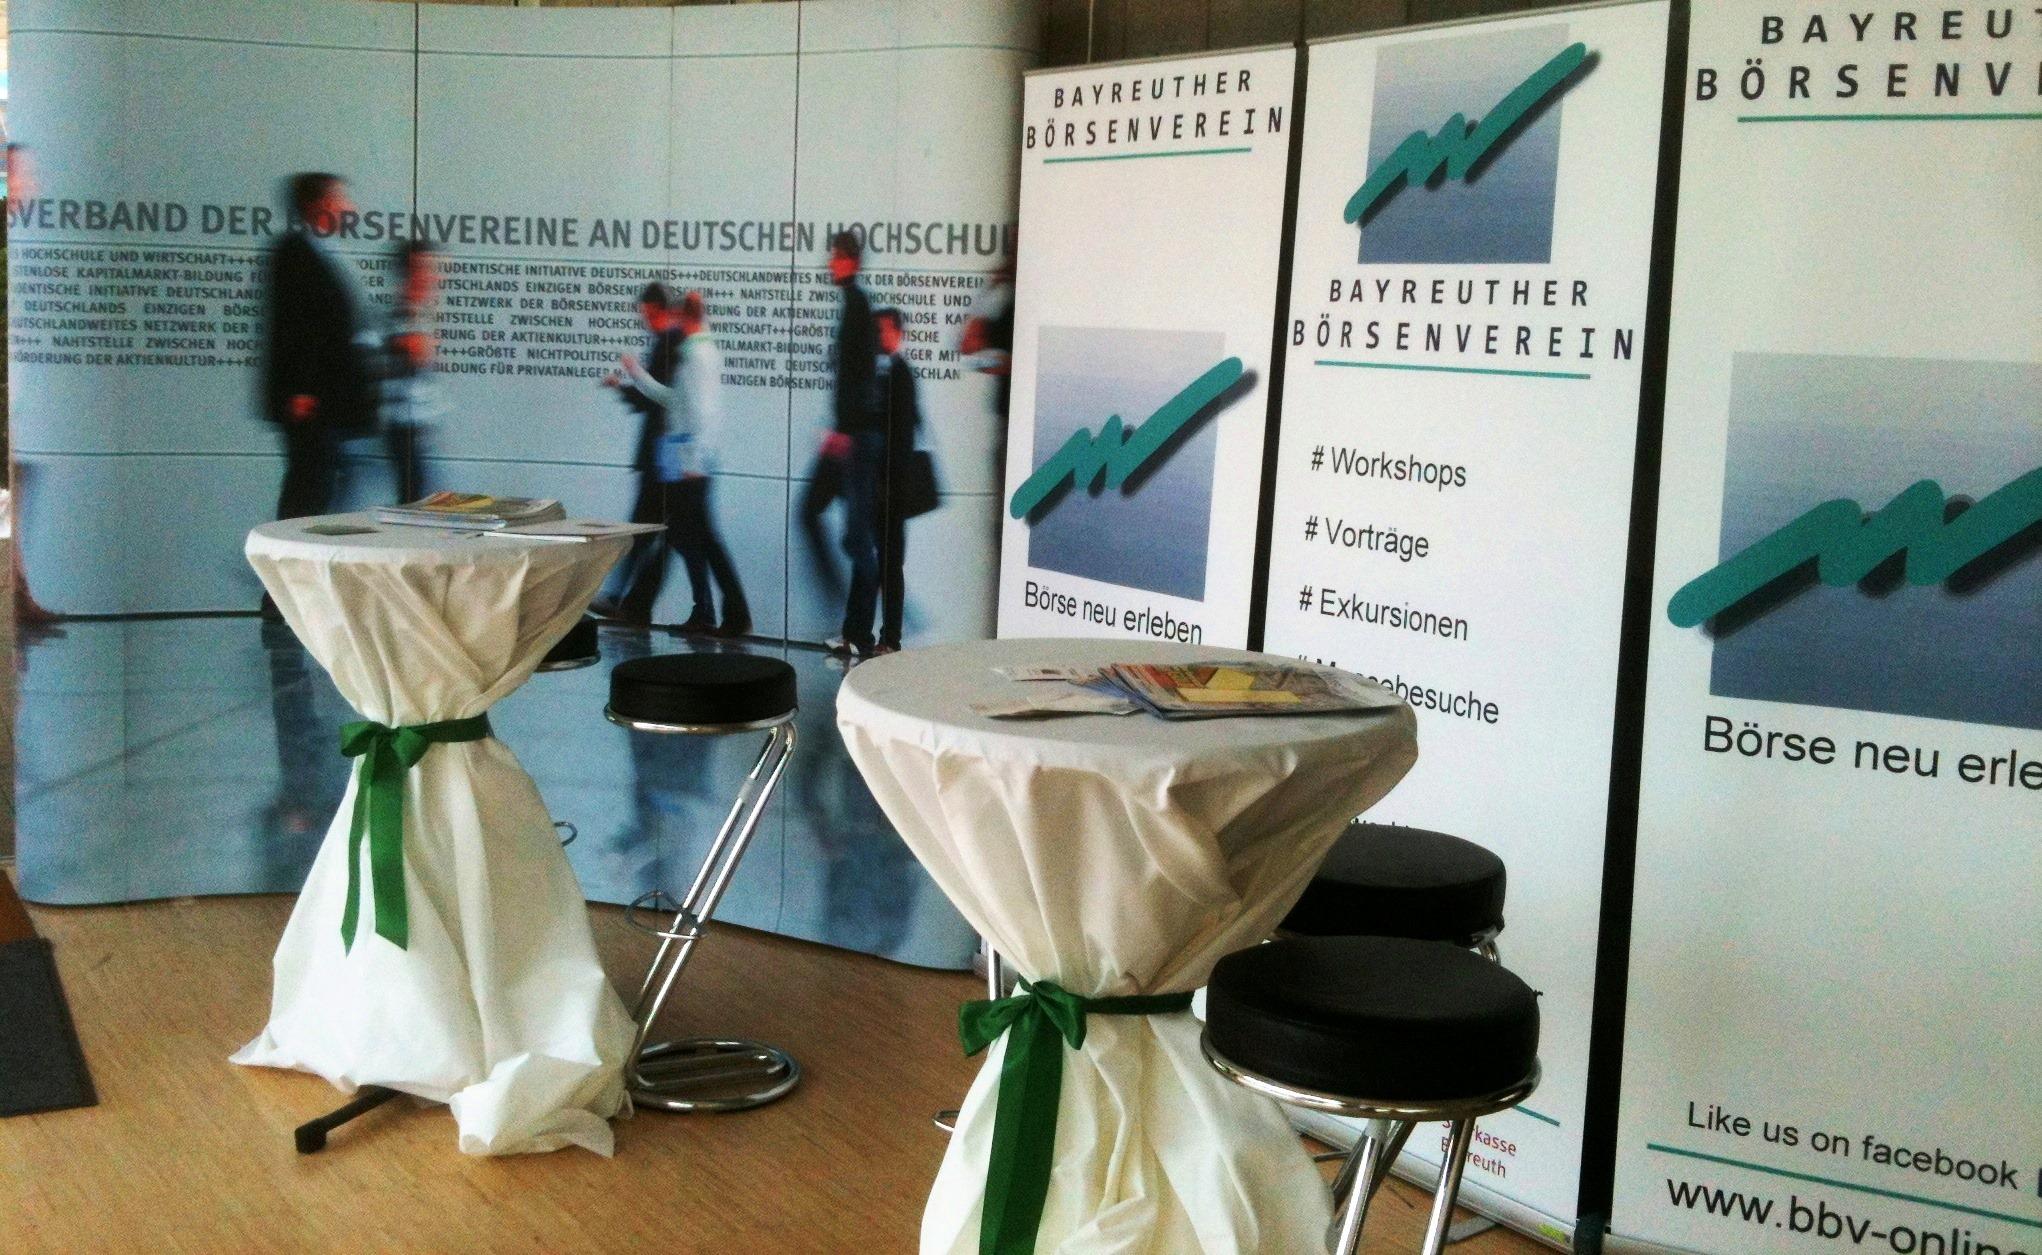 Infostand des Bayreuther Börsenvereins beim Ökonomiekongress 2013 in Bayreuth